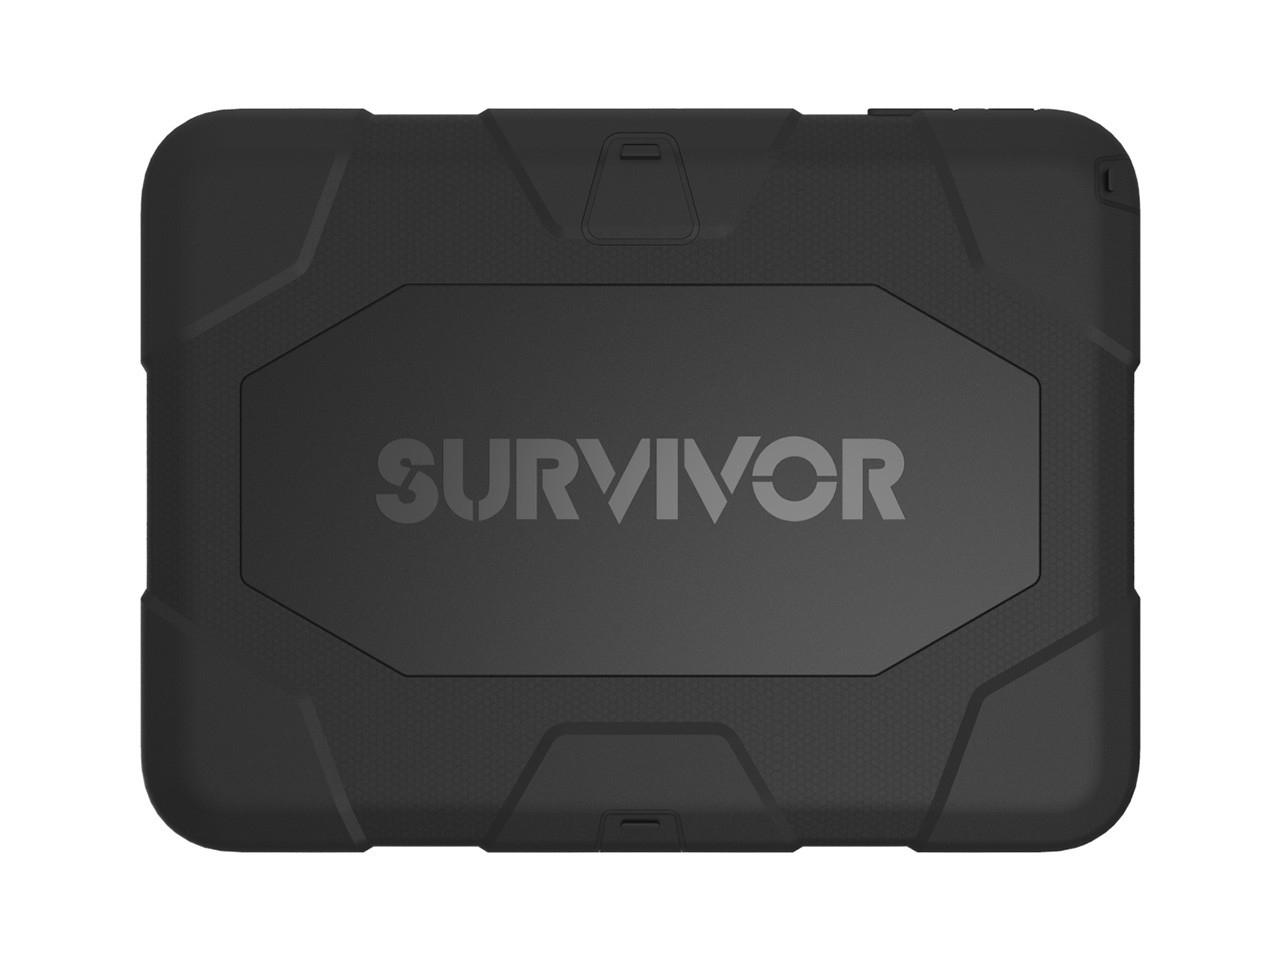 Griffin Samsung Galaxy Tab 4 10.1 Survivor Case - Black (GB39915)